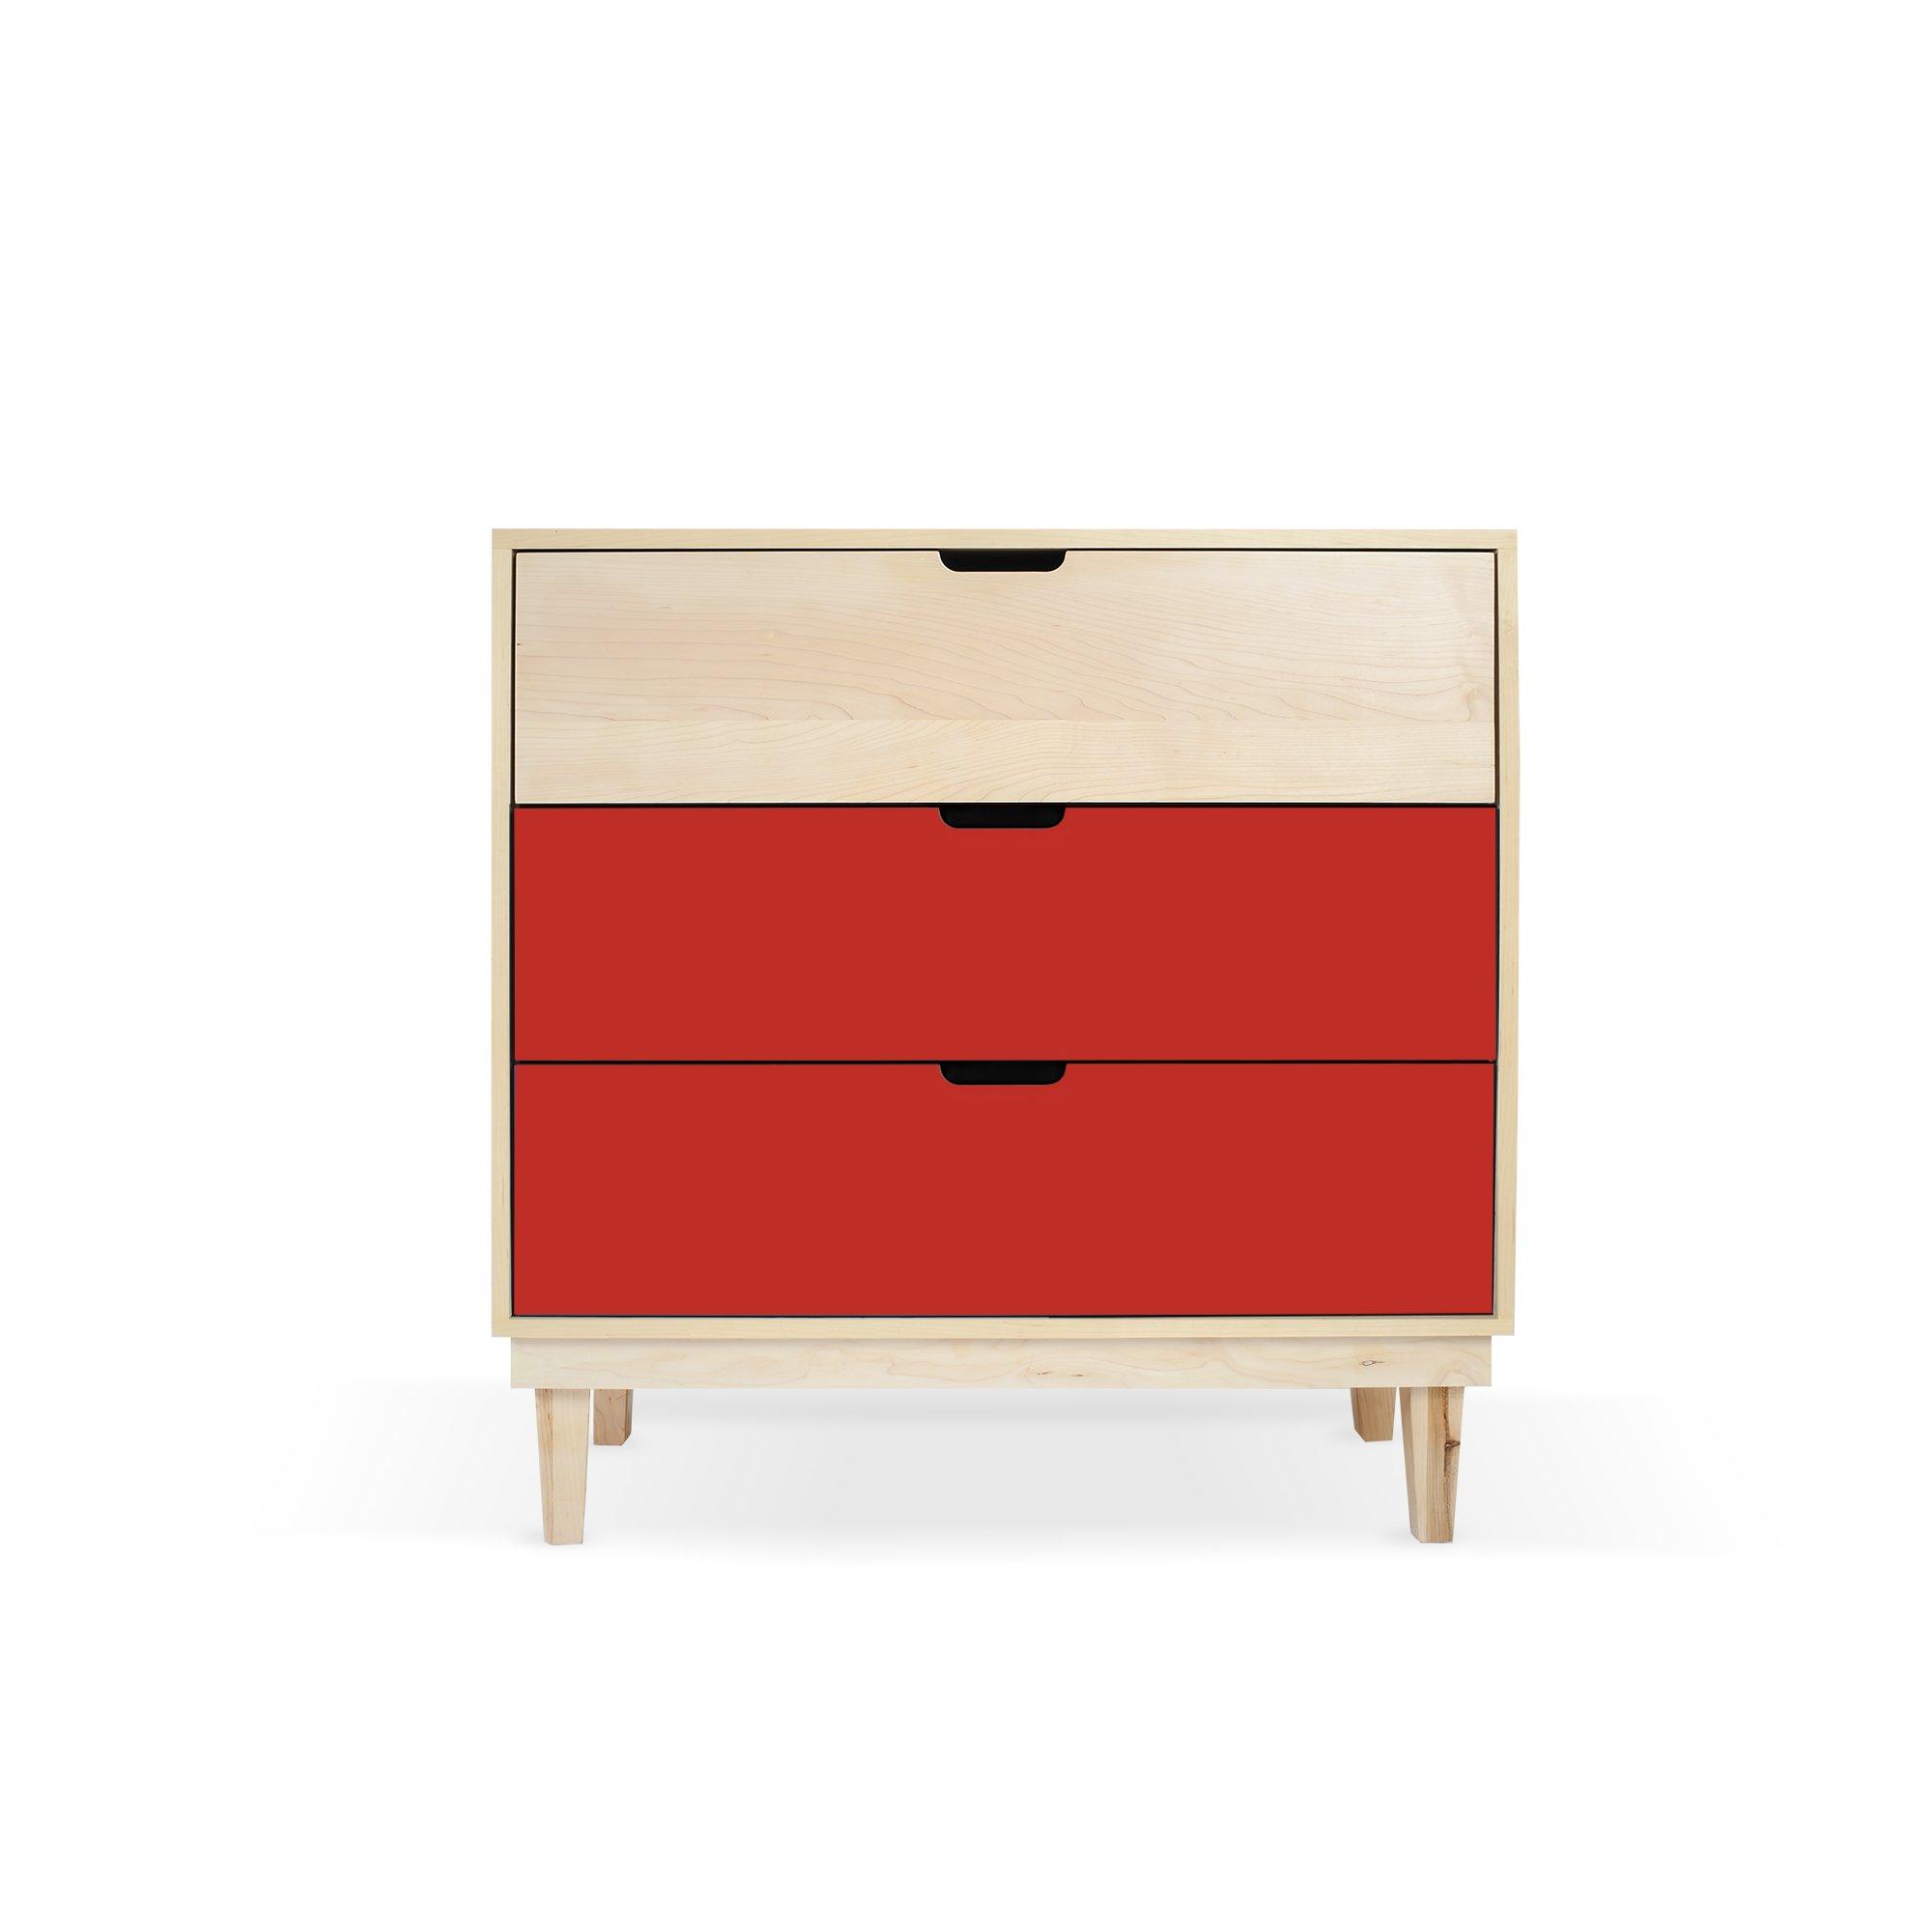 Kabano Modern Kids 3 Drawer Dresser Colorful Dresser Childrens